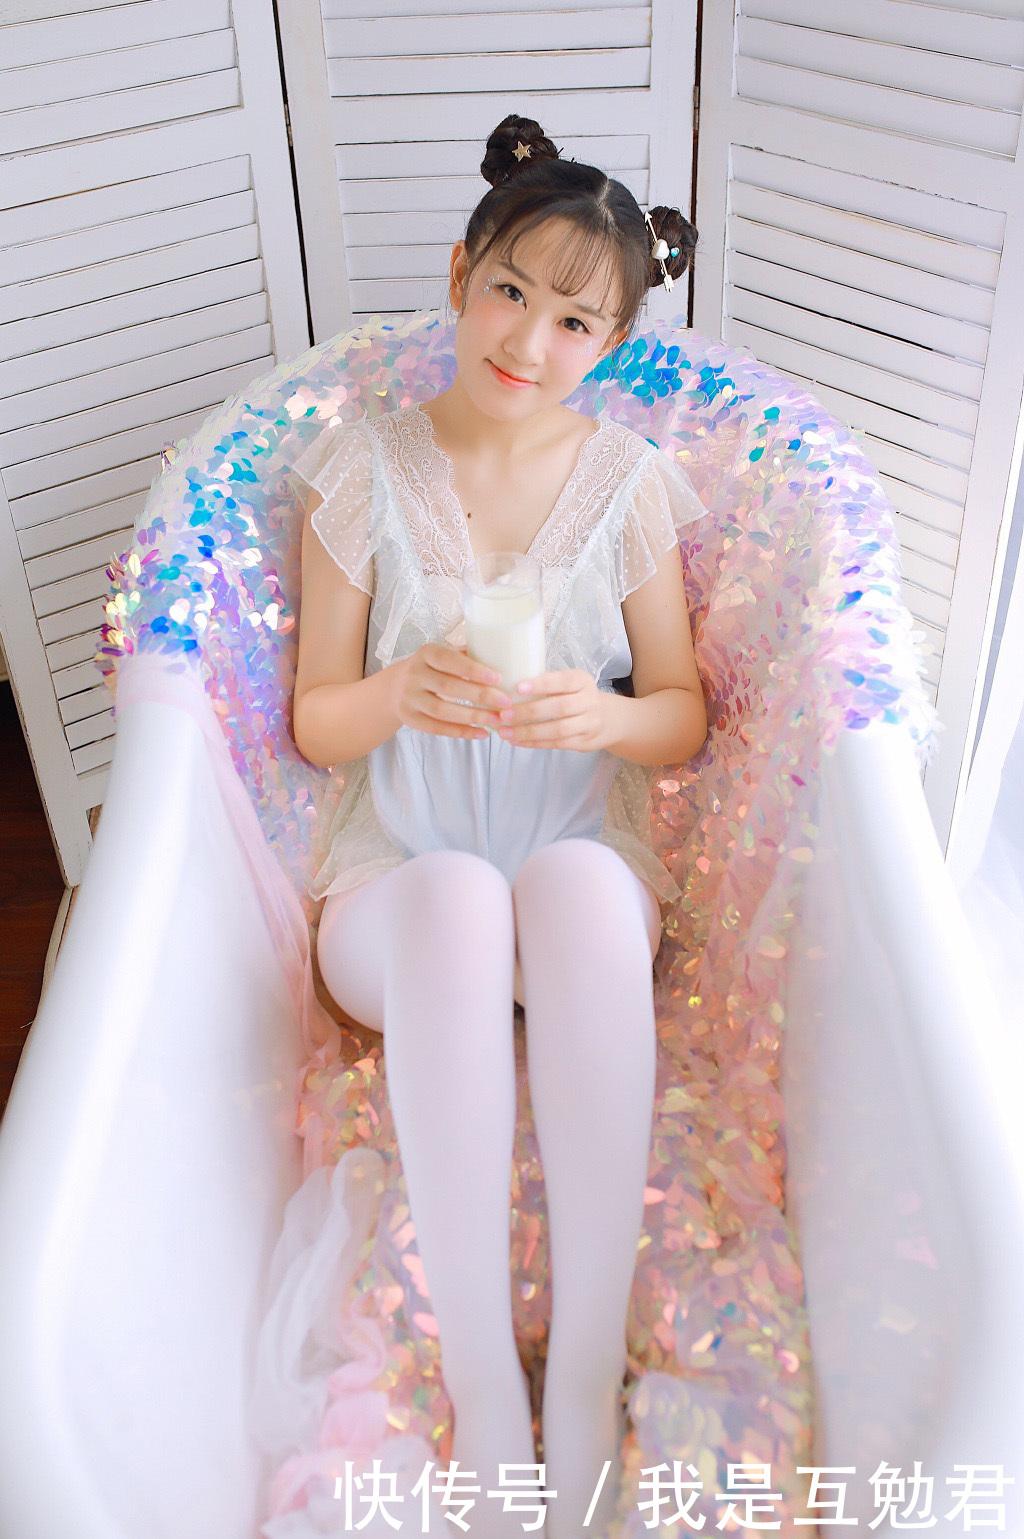 穿白丝的小学女生被绑_白丝小学生被绑厉憋尿 - www.aihao8w.com